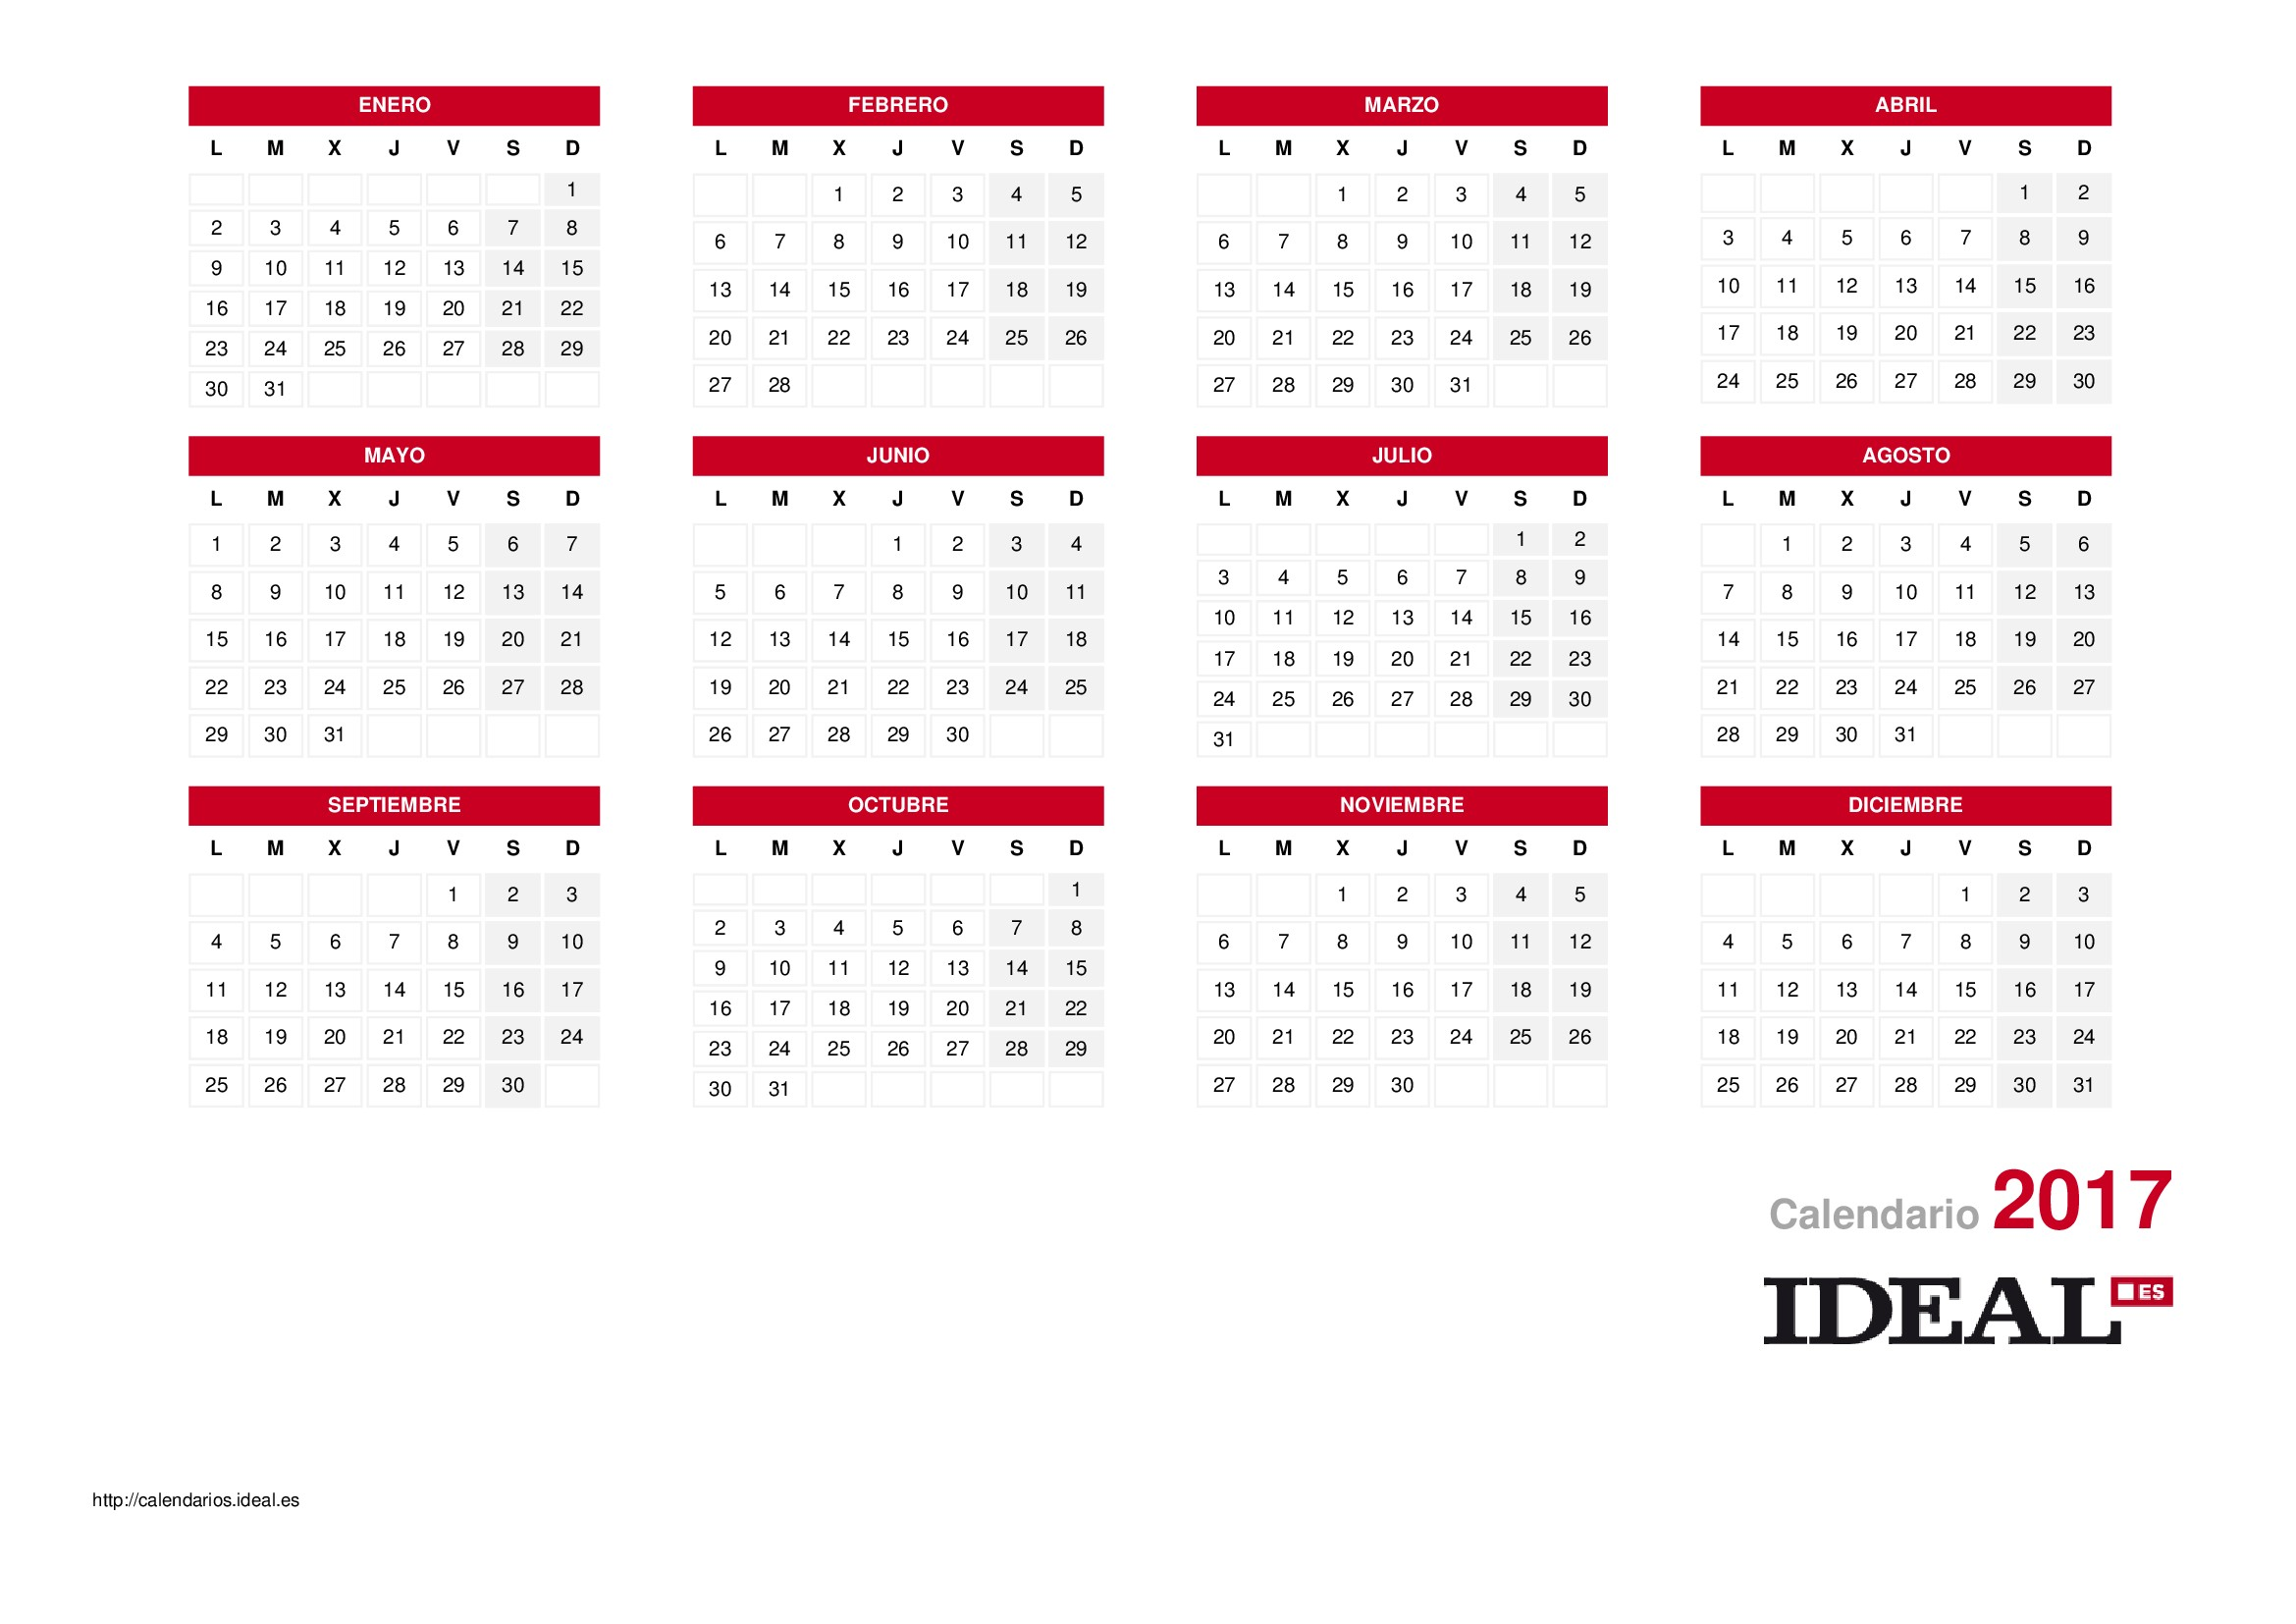 Calendario Lunar Para Imprimir 2017 Mejores Y Más Novedosos Calendario Fases Lunares De 2018 Calendarios Ideal Das Festivos Of Calendario Lunar Para Imprimir 2017 Más Arriba-a-fecha Calendario De Octubre 2018 Para Imprimir Kordurorddiner